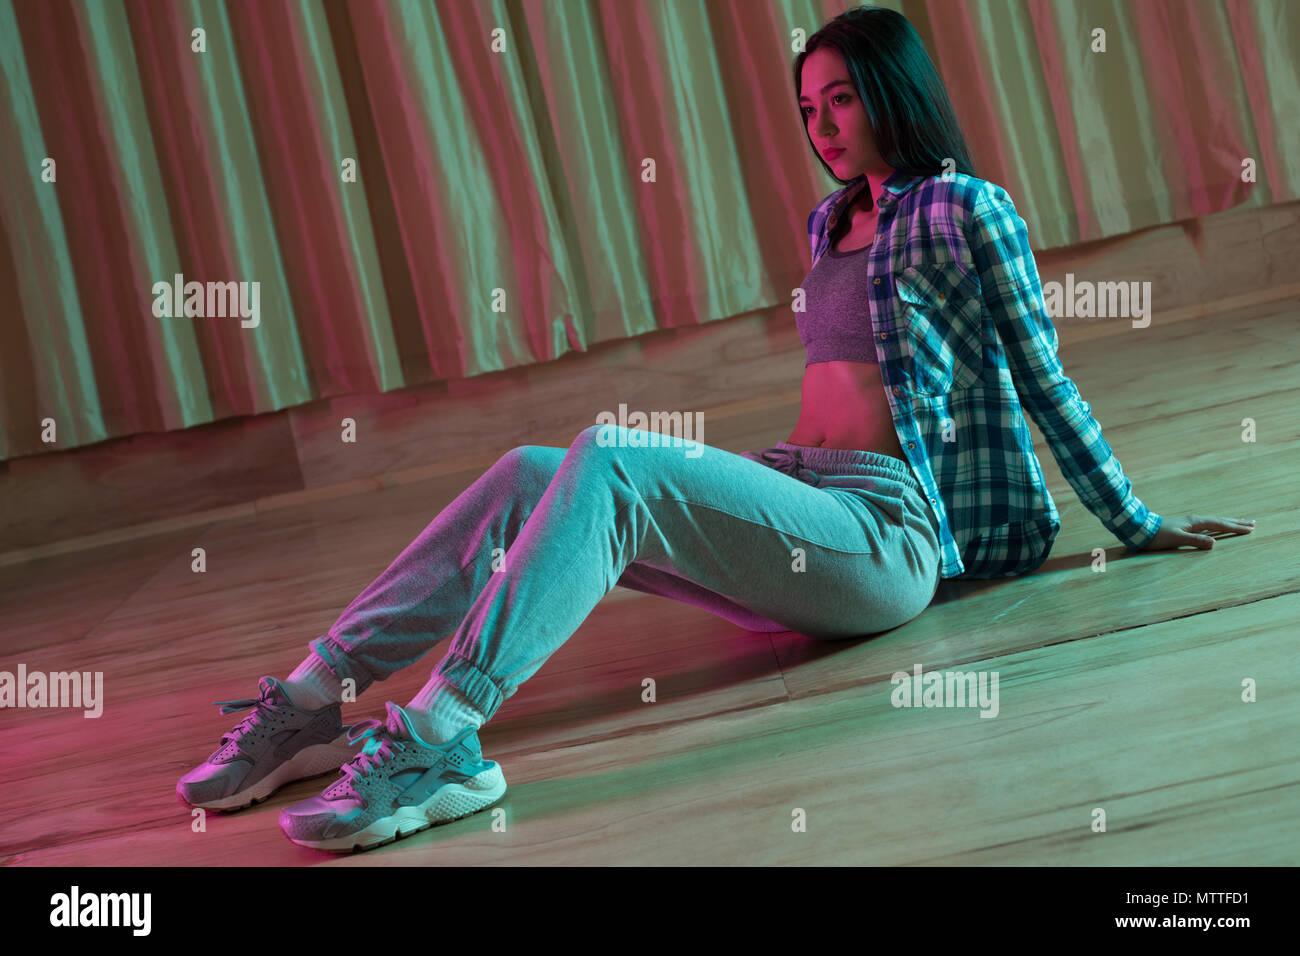 Tänzerin entspannen in Dance Studio Stockbild